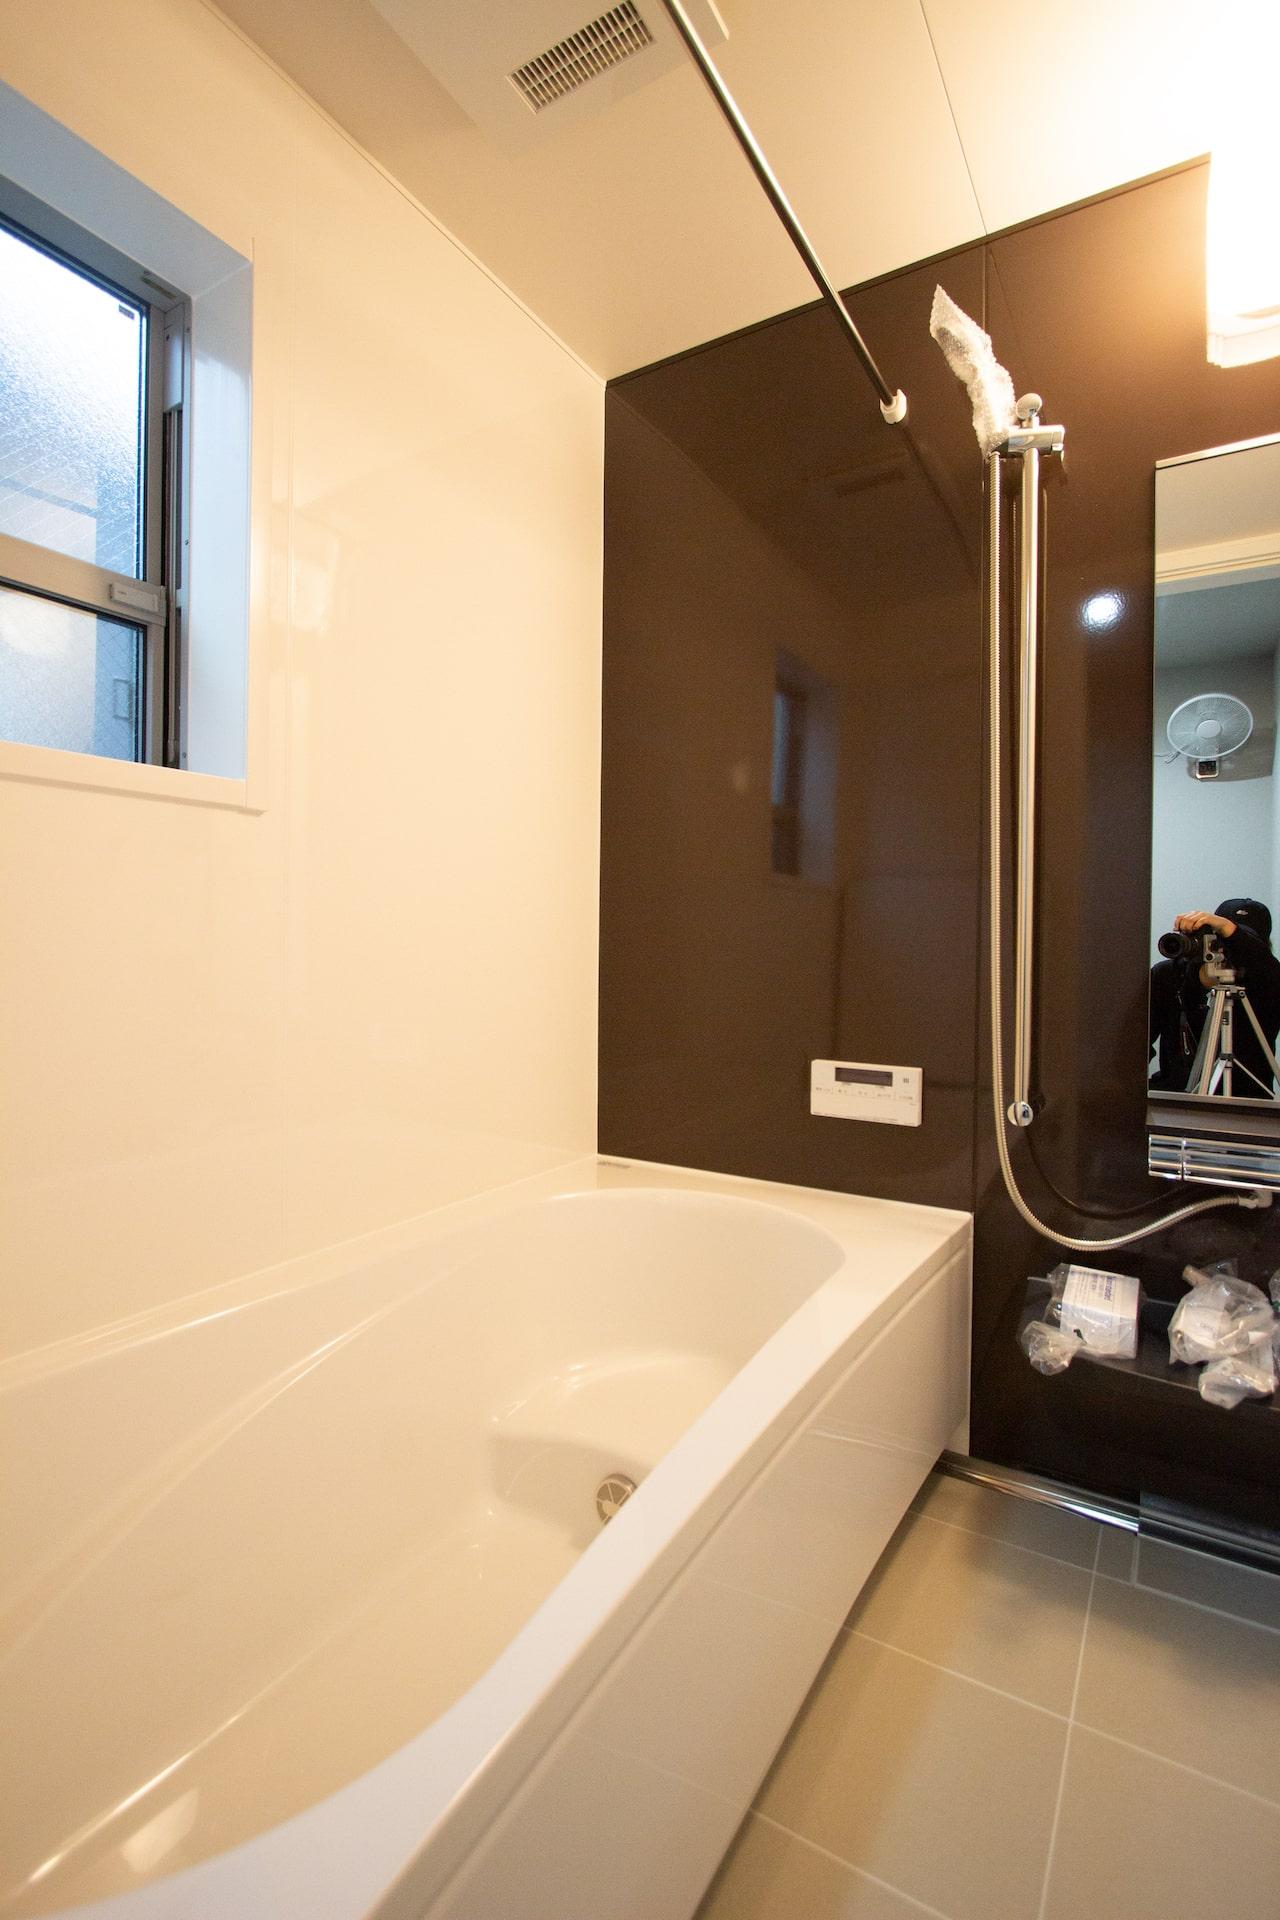 上野工務店,茨木市,建替,新築,浴室